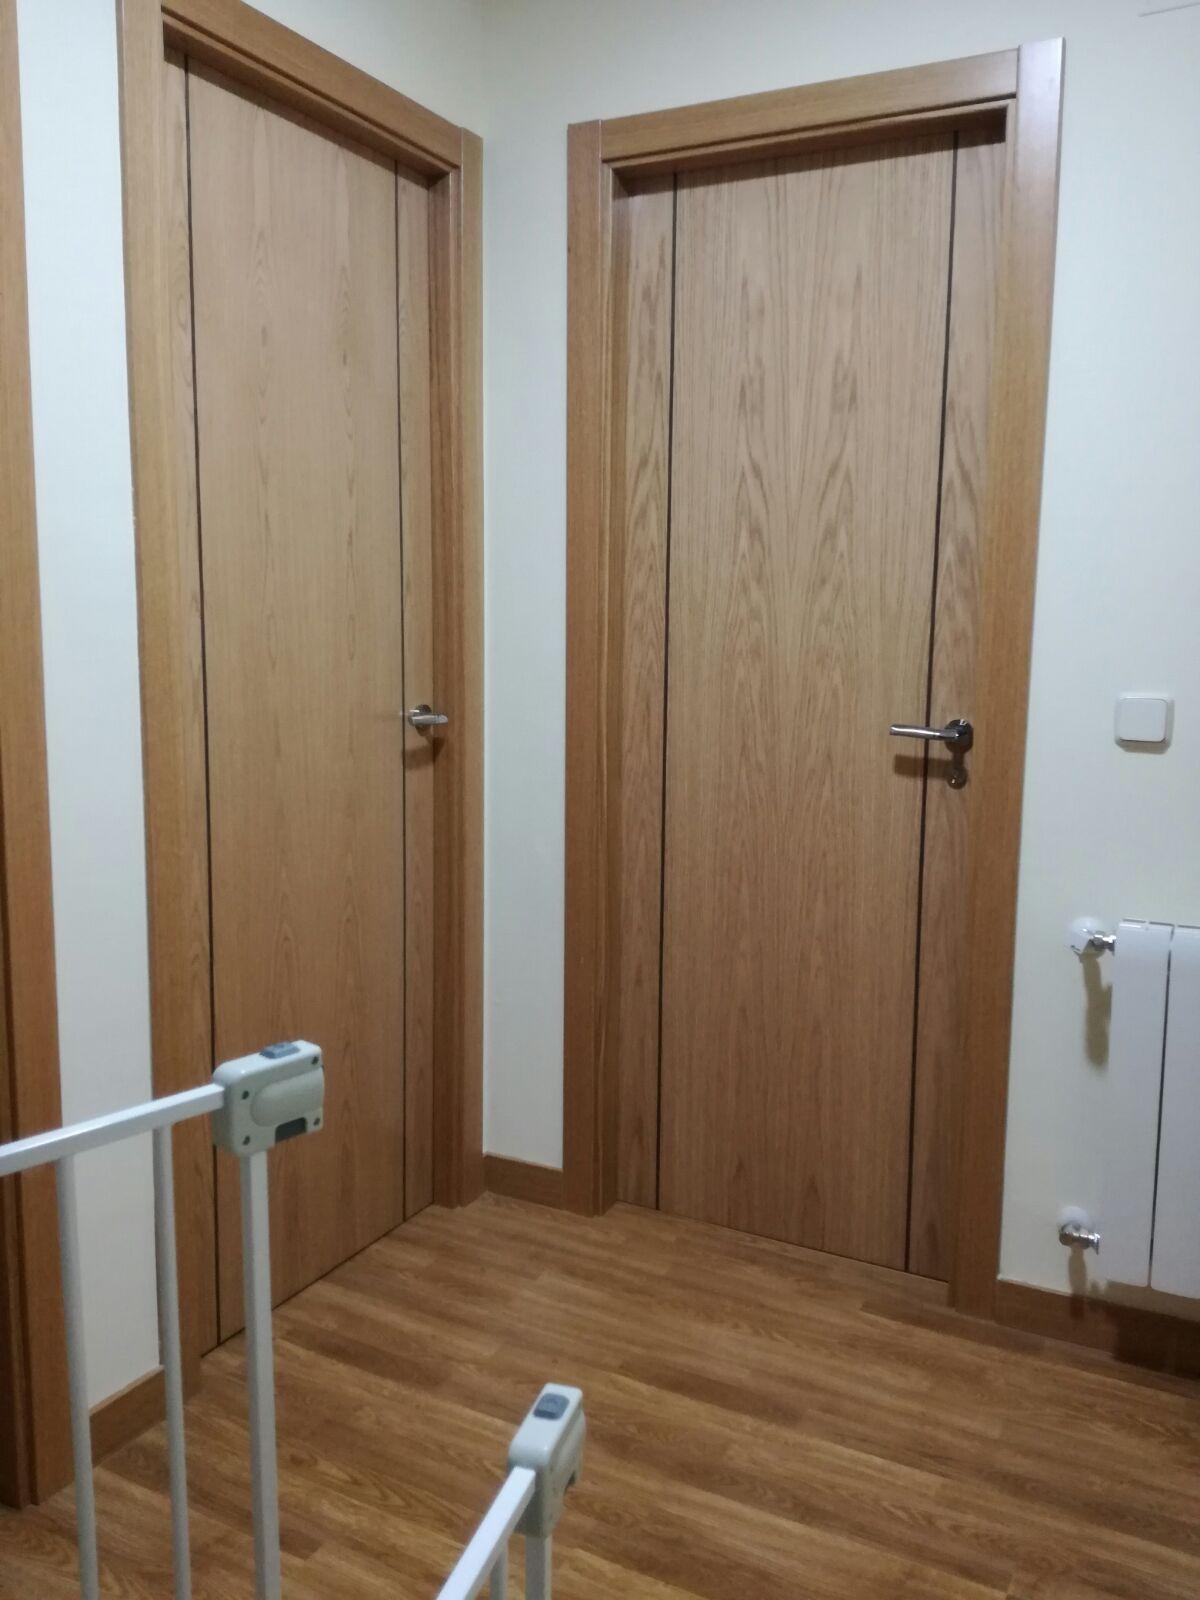 Puertas interiores nuevas viviendas